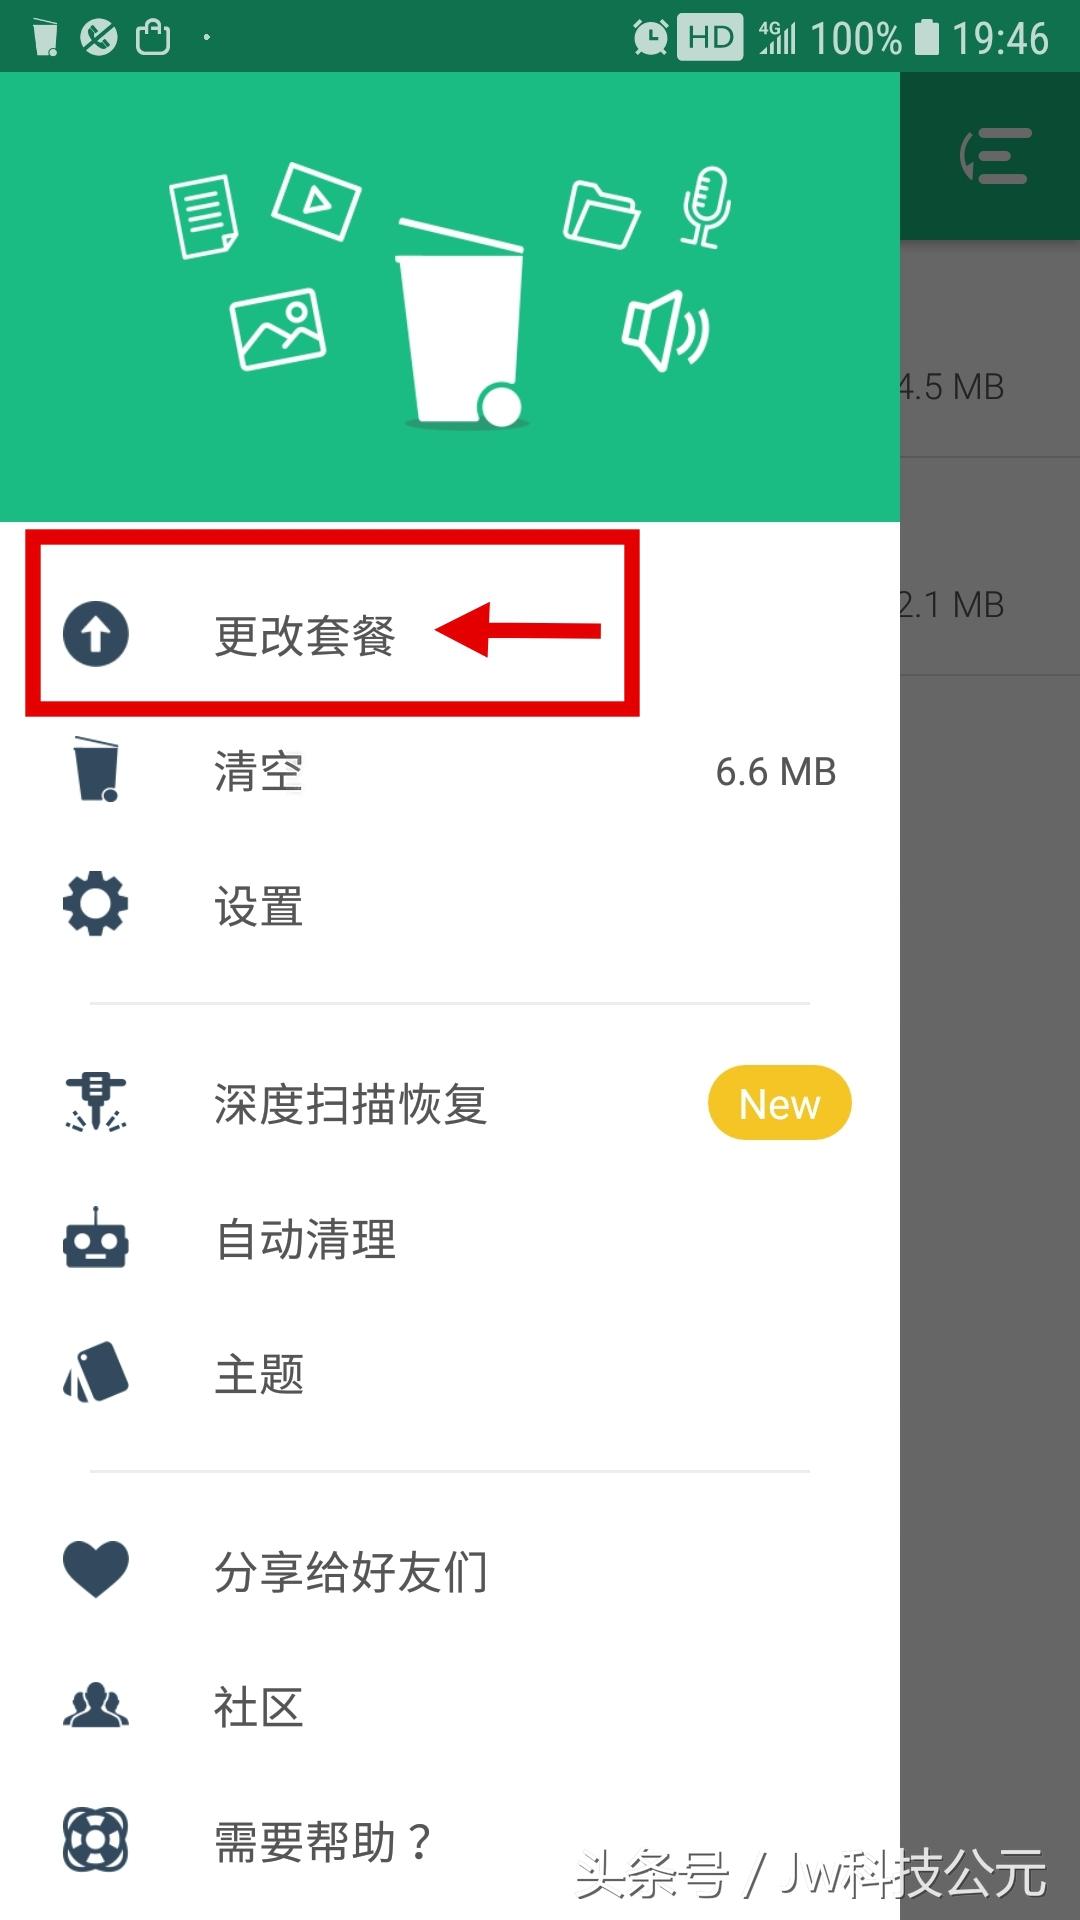 手机录音误删怎么恢复(删除的手机录音能恢复吗)